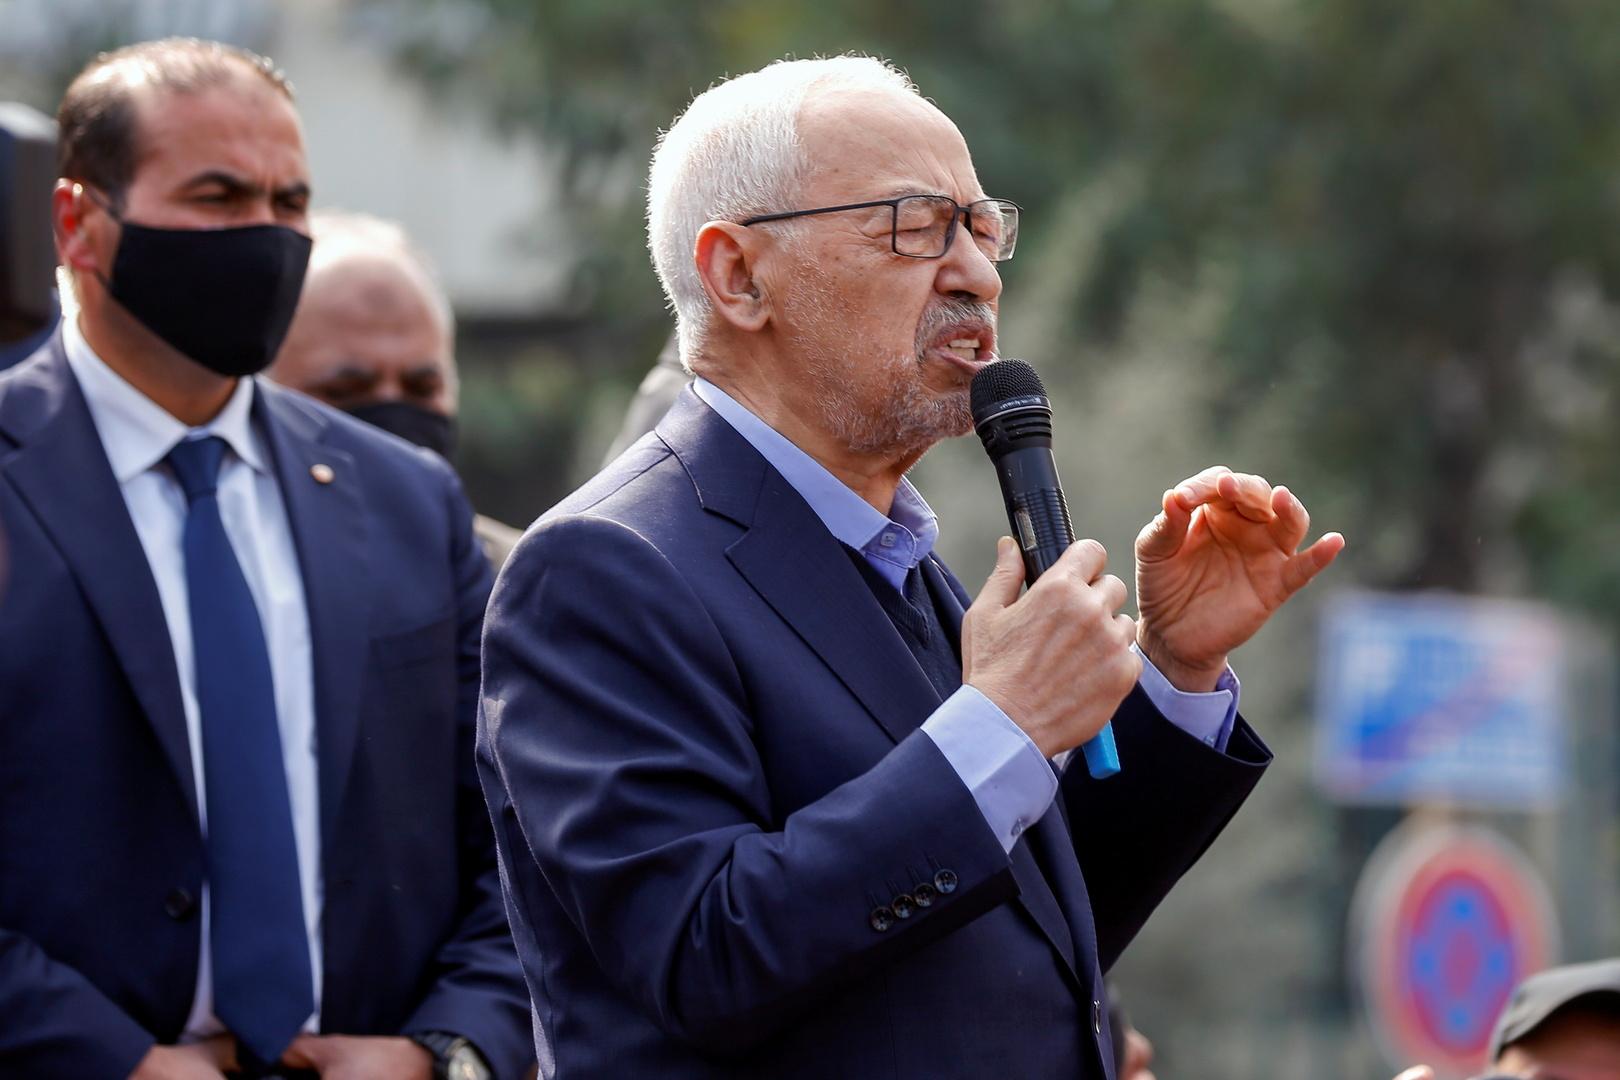 الجيش التونسي يمنع الغنوشي من دخول البرلمان بعد قرارات سعيد (فيديو)